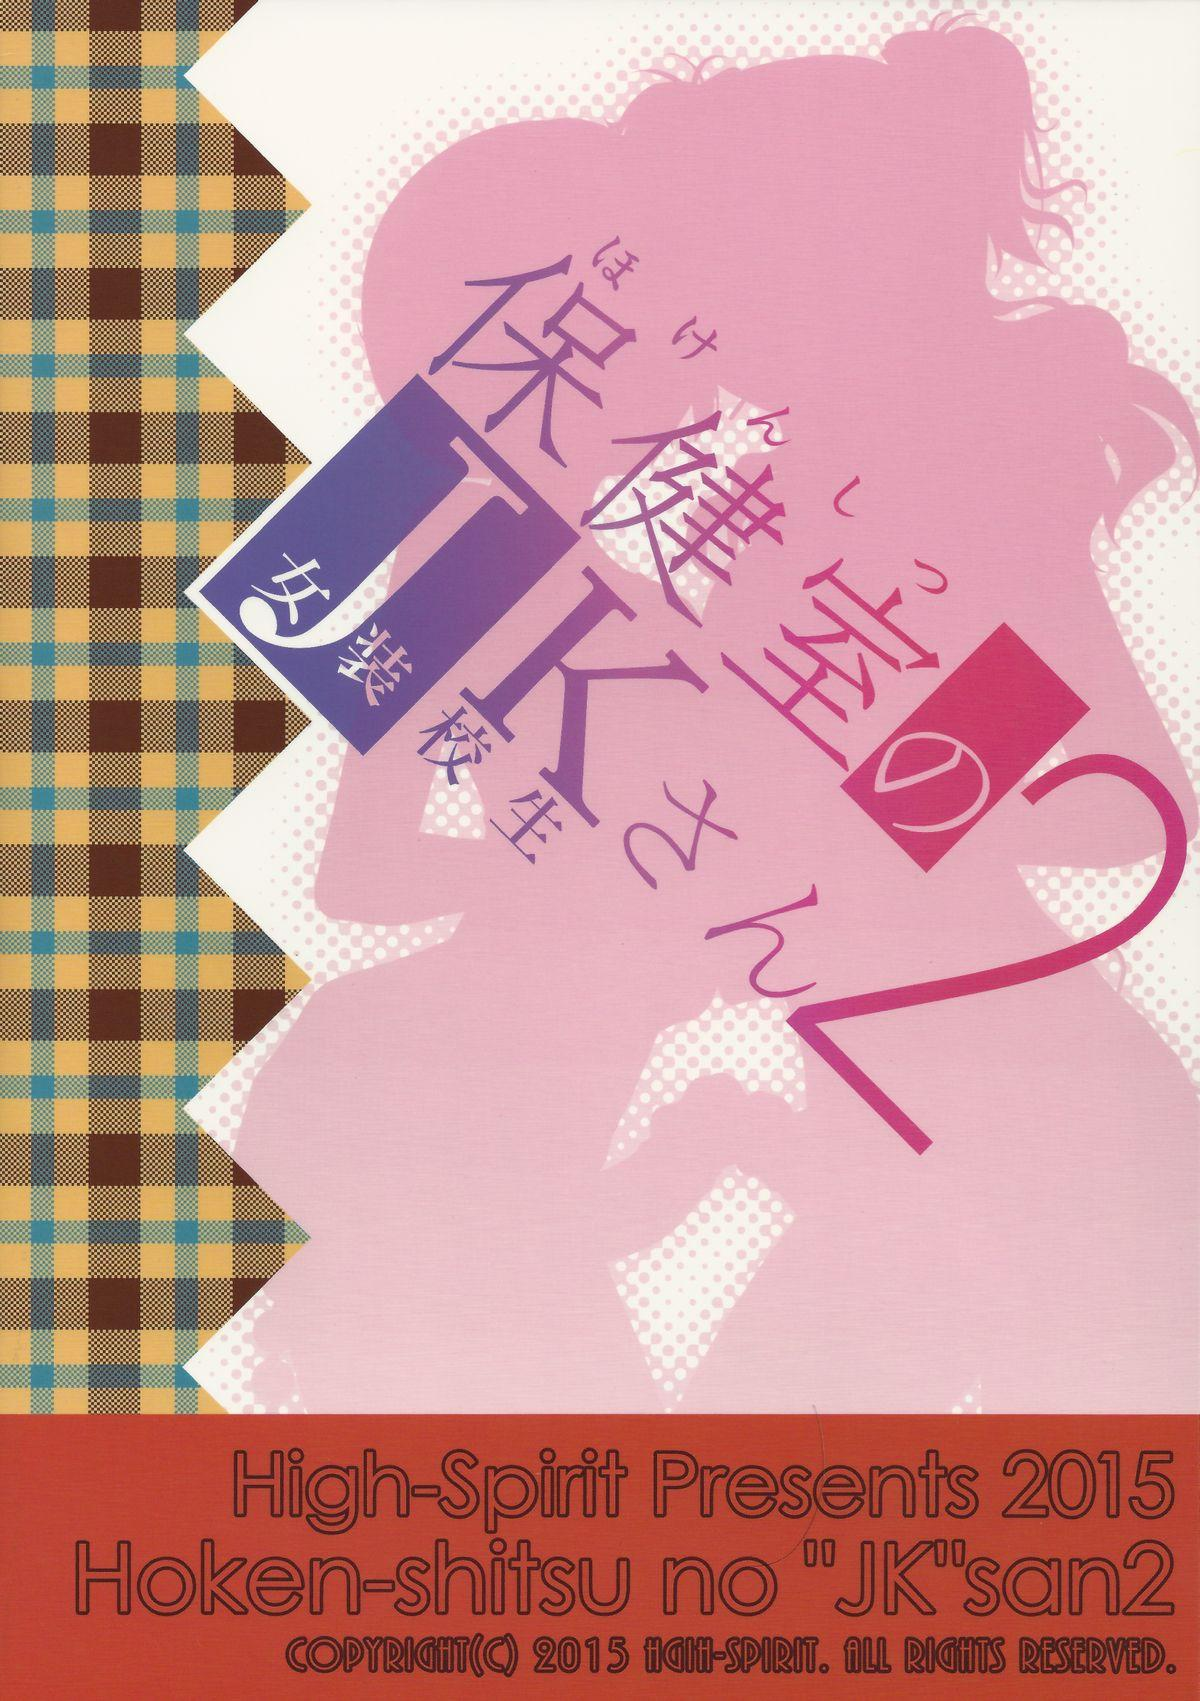 Hokenshitsu no JK-san 2 25